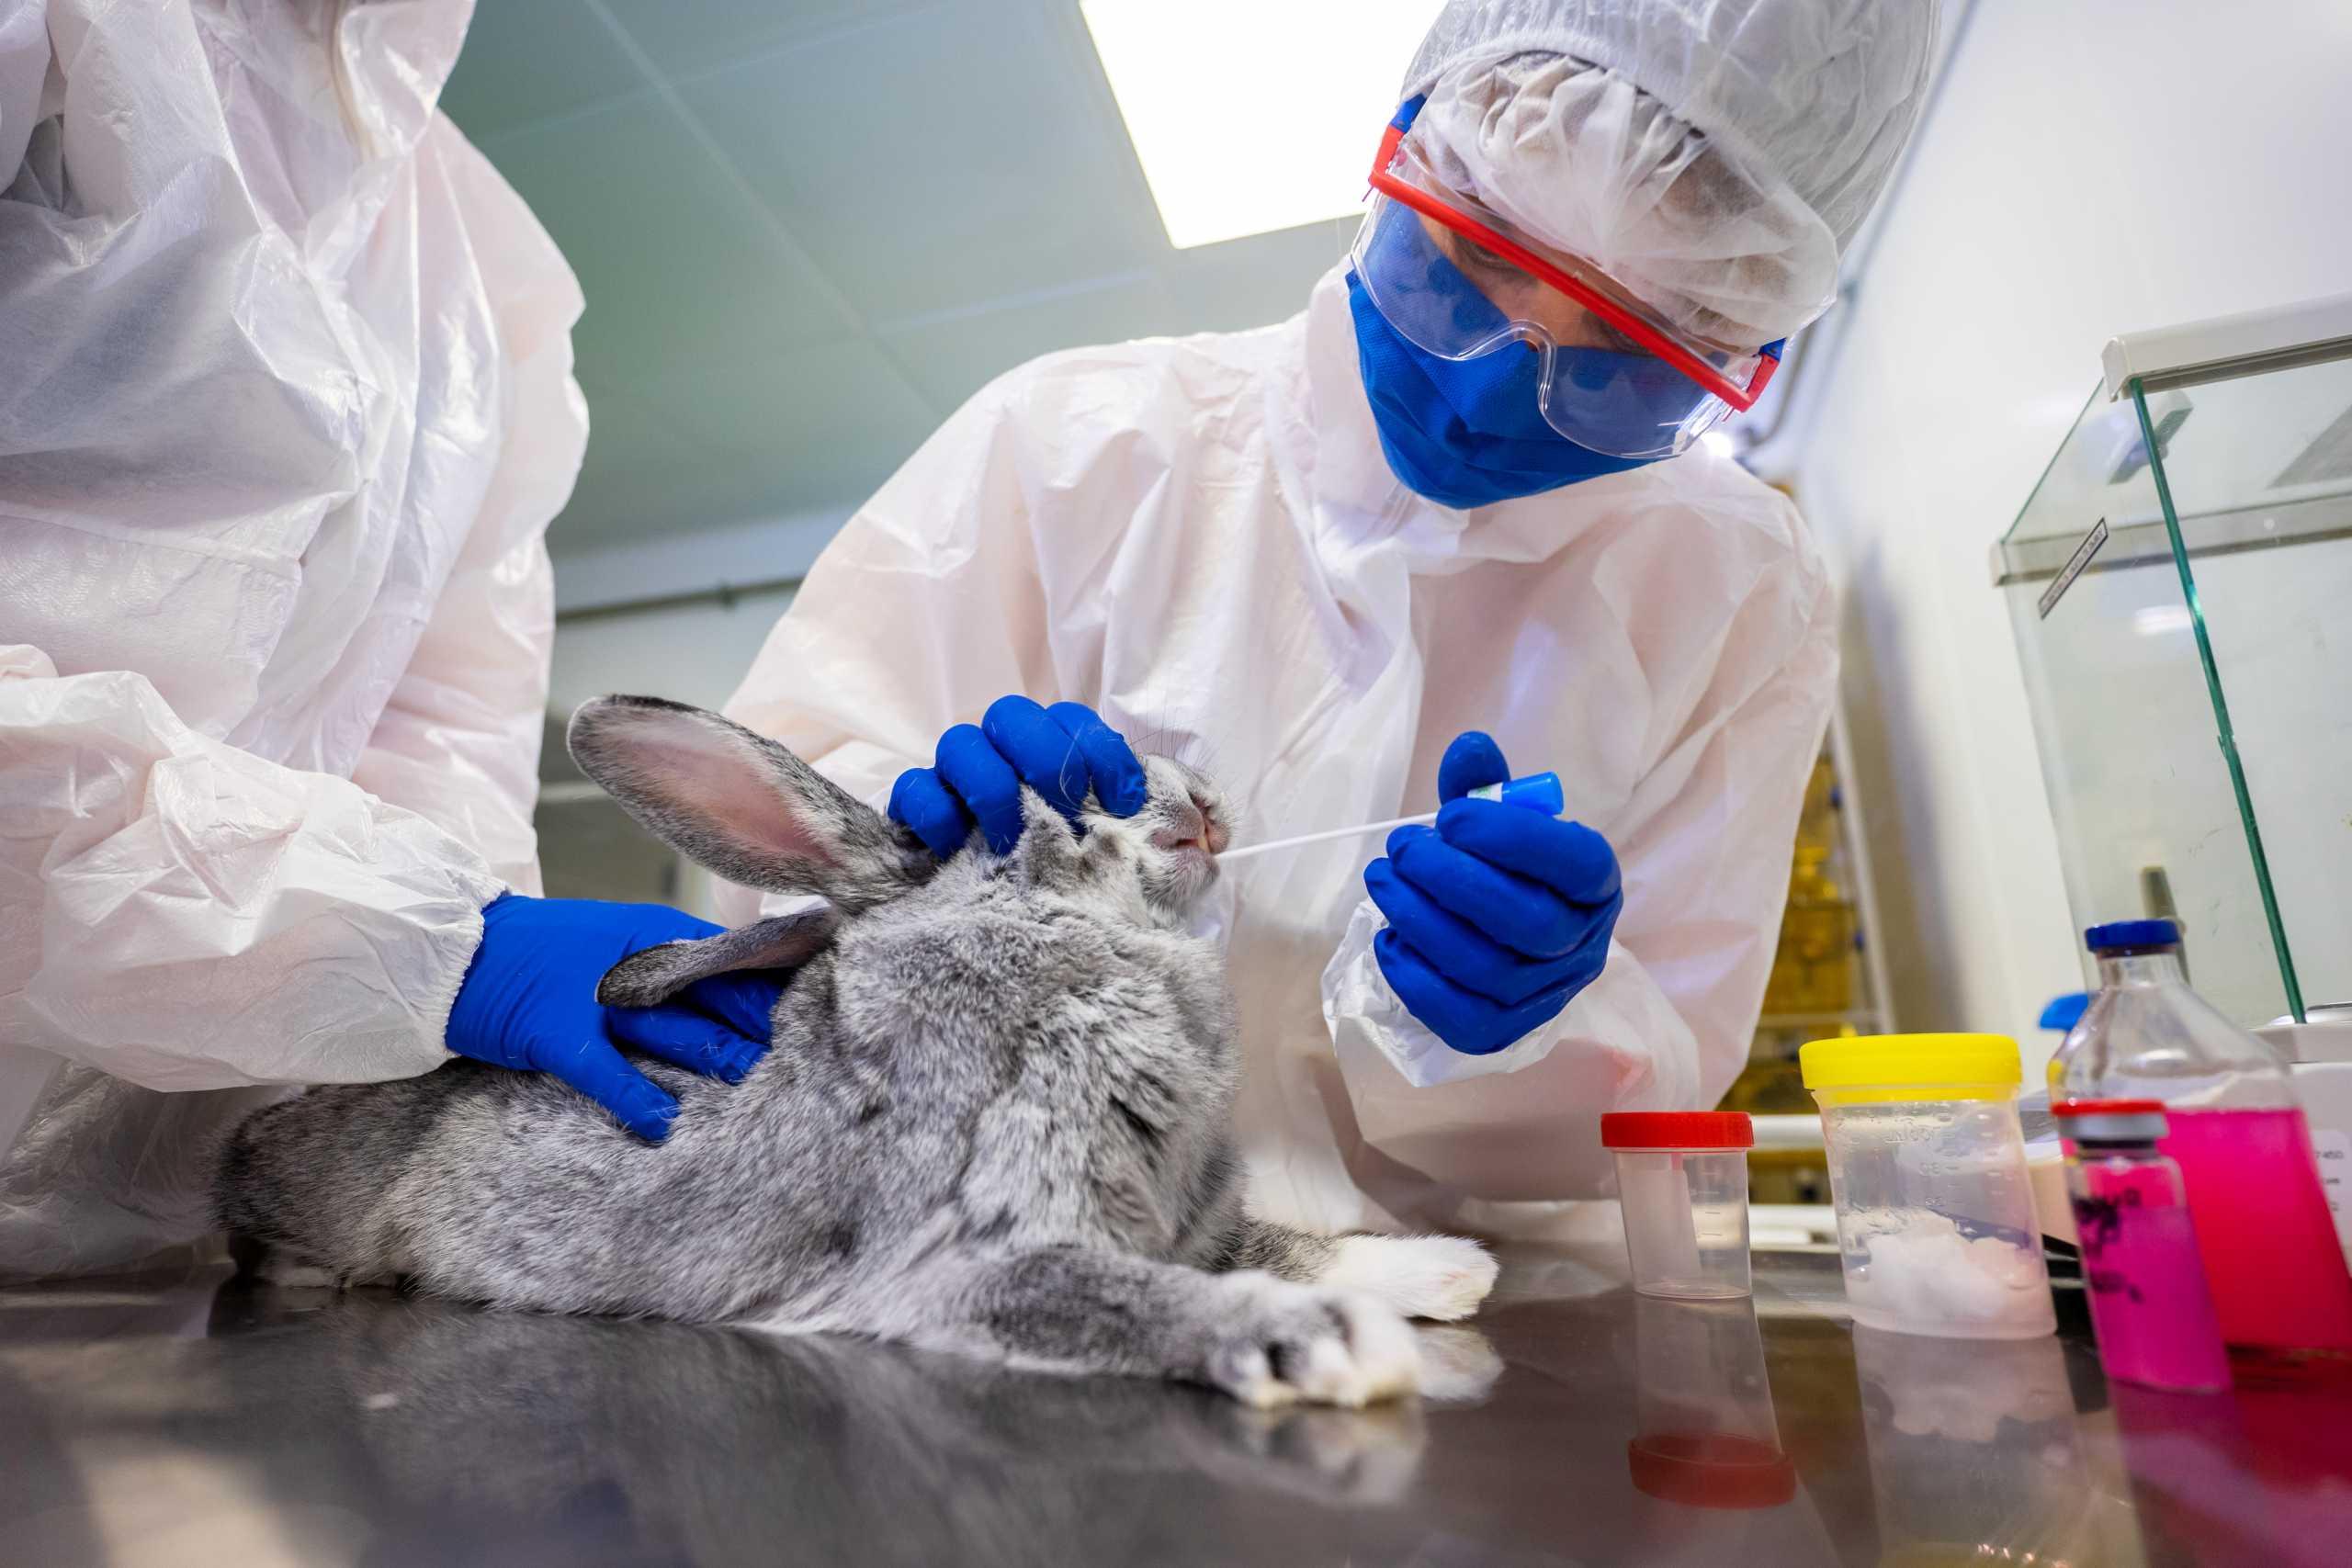 Κορονοϊός: Από τη Μόσχα με αγάπη το πρώτο εμβόλιο κατά της Covid-19 για ζώα